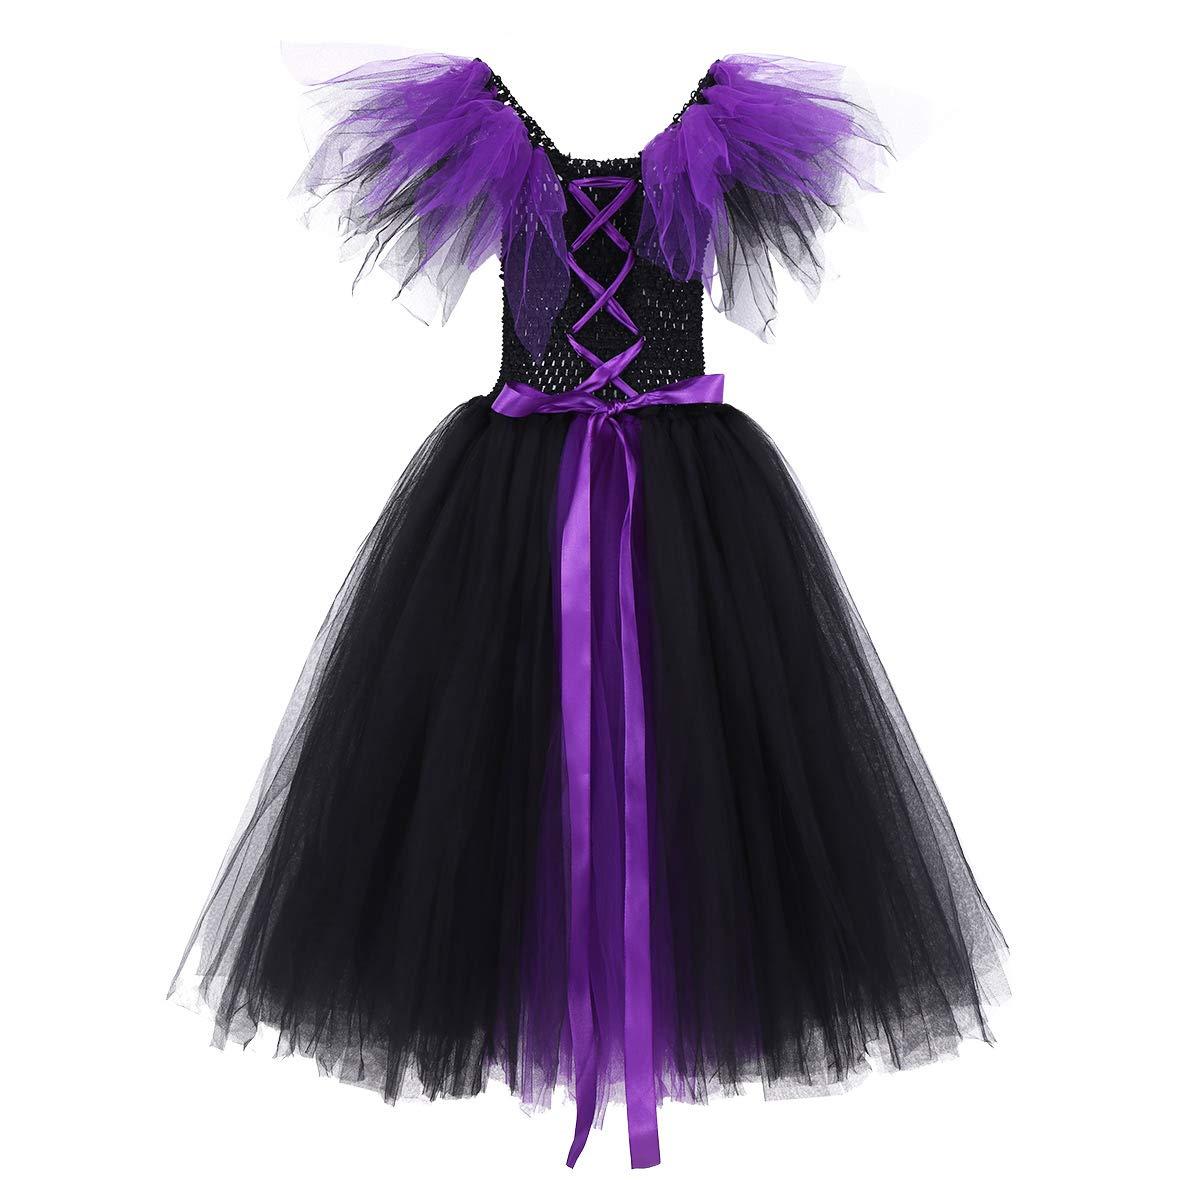 iiniim Disfraz Bruja Vampiresa Ni/ña Infantil Vestido con Lazada Princesa Tut/ú Tul Cosplay Costume de Halloween Fiesta Party Carnaval Ropa de Actuaci/ón para Ni/ñas 4-12 A/ños